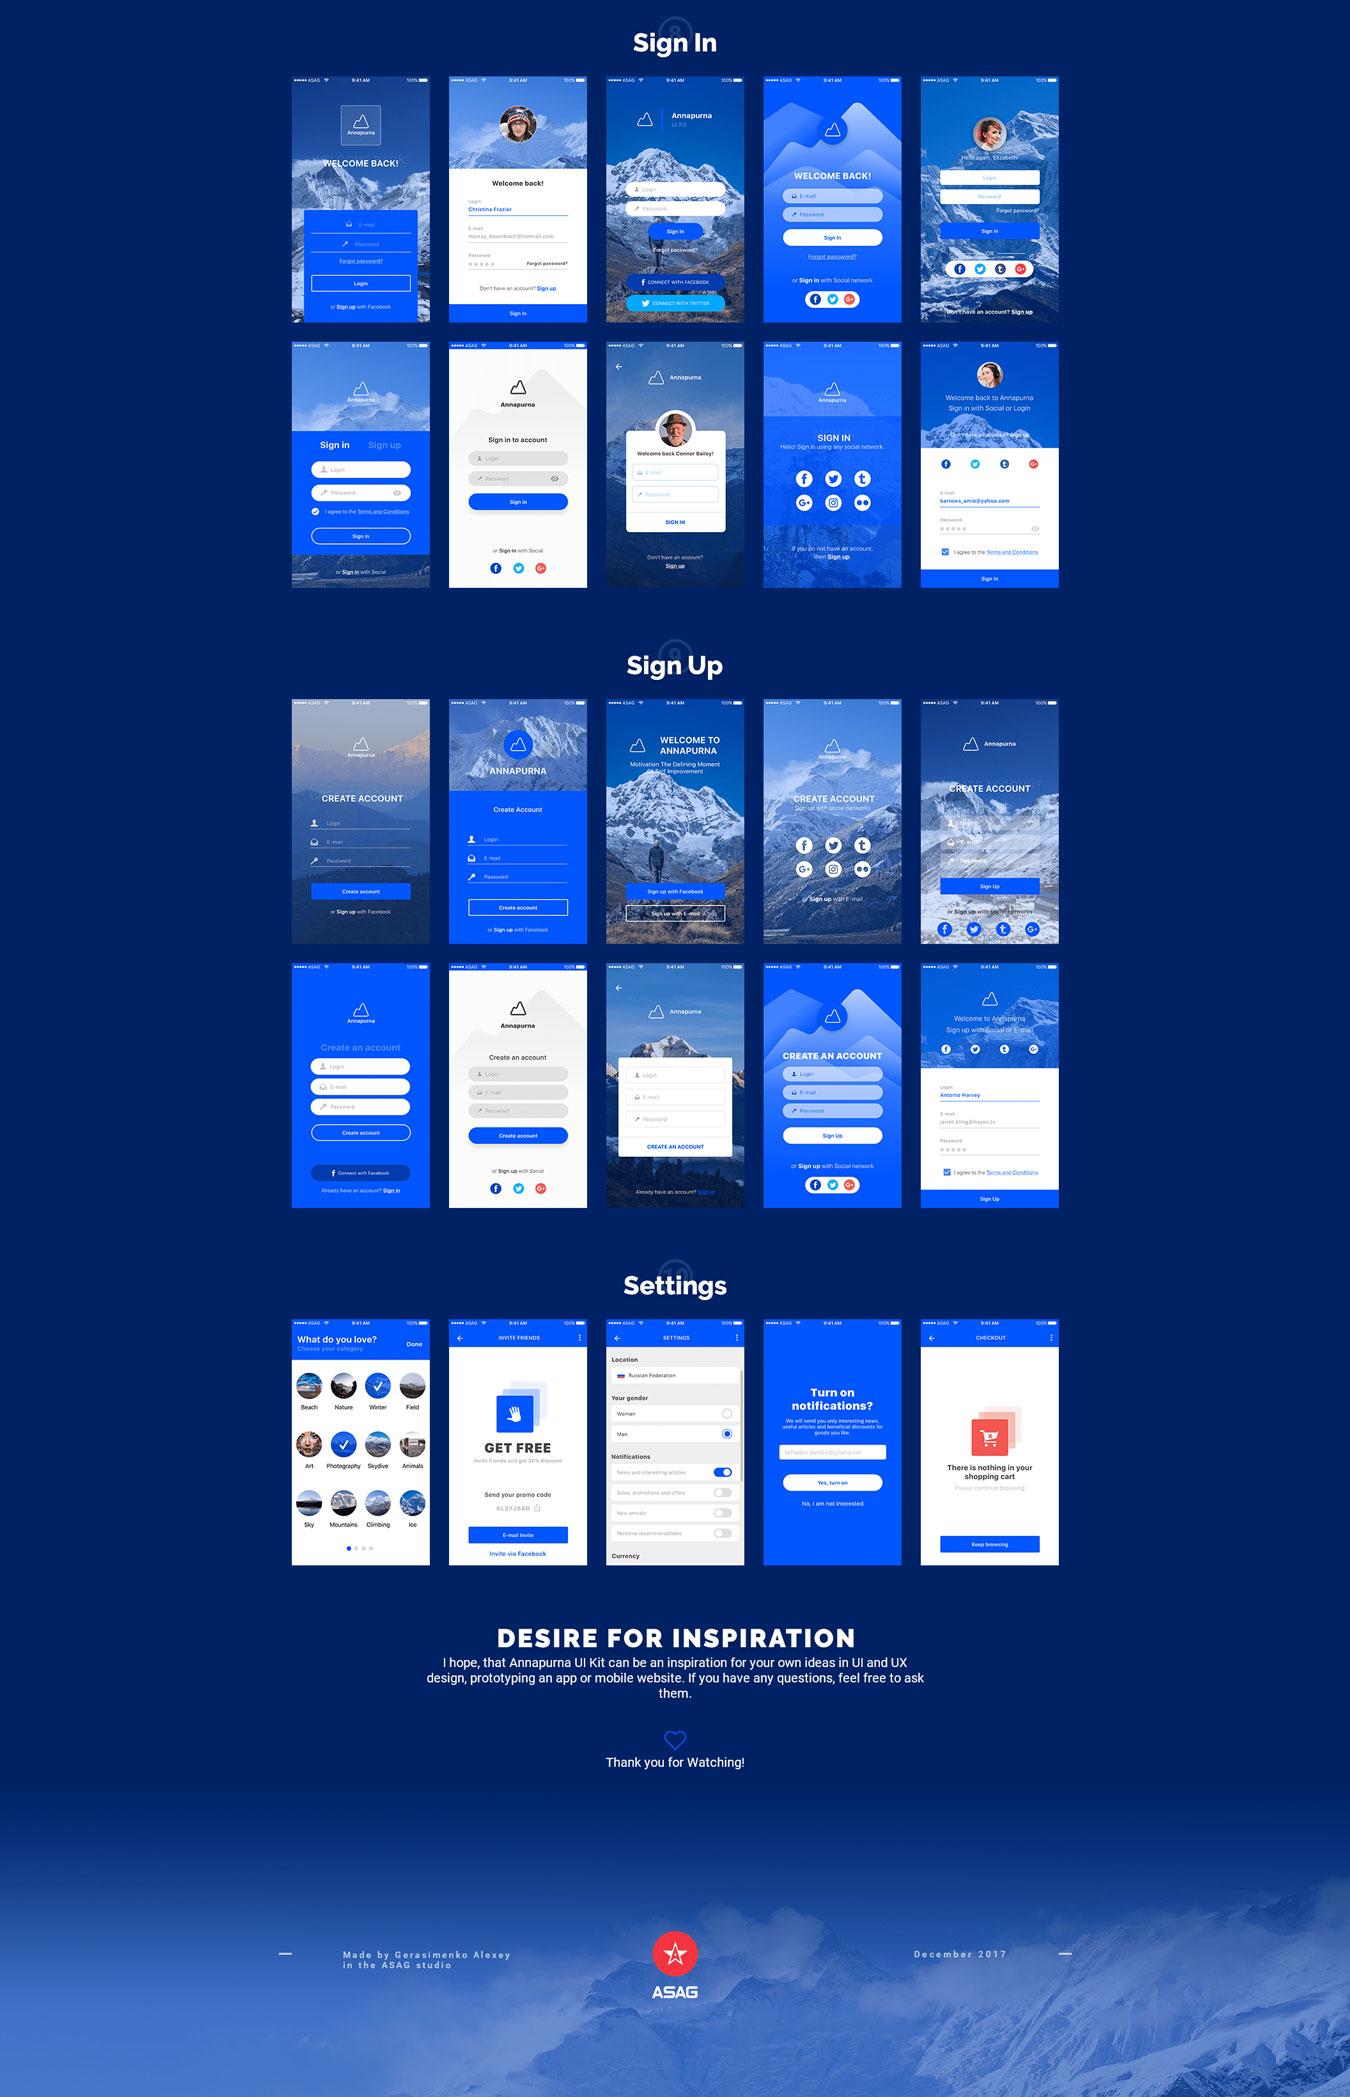 高质量新闻社交应用程序设计APP UI设计模板套件 Annapurna Ui Kit插图(3)